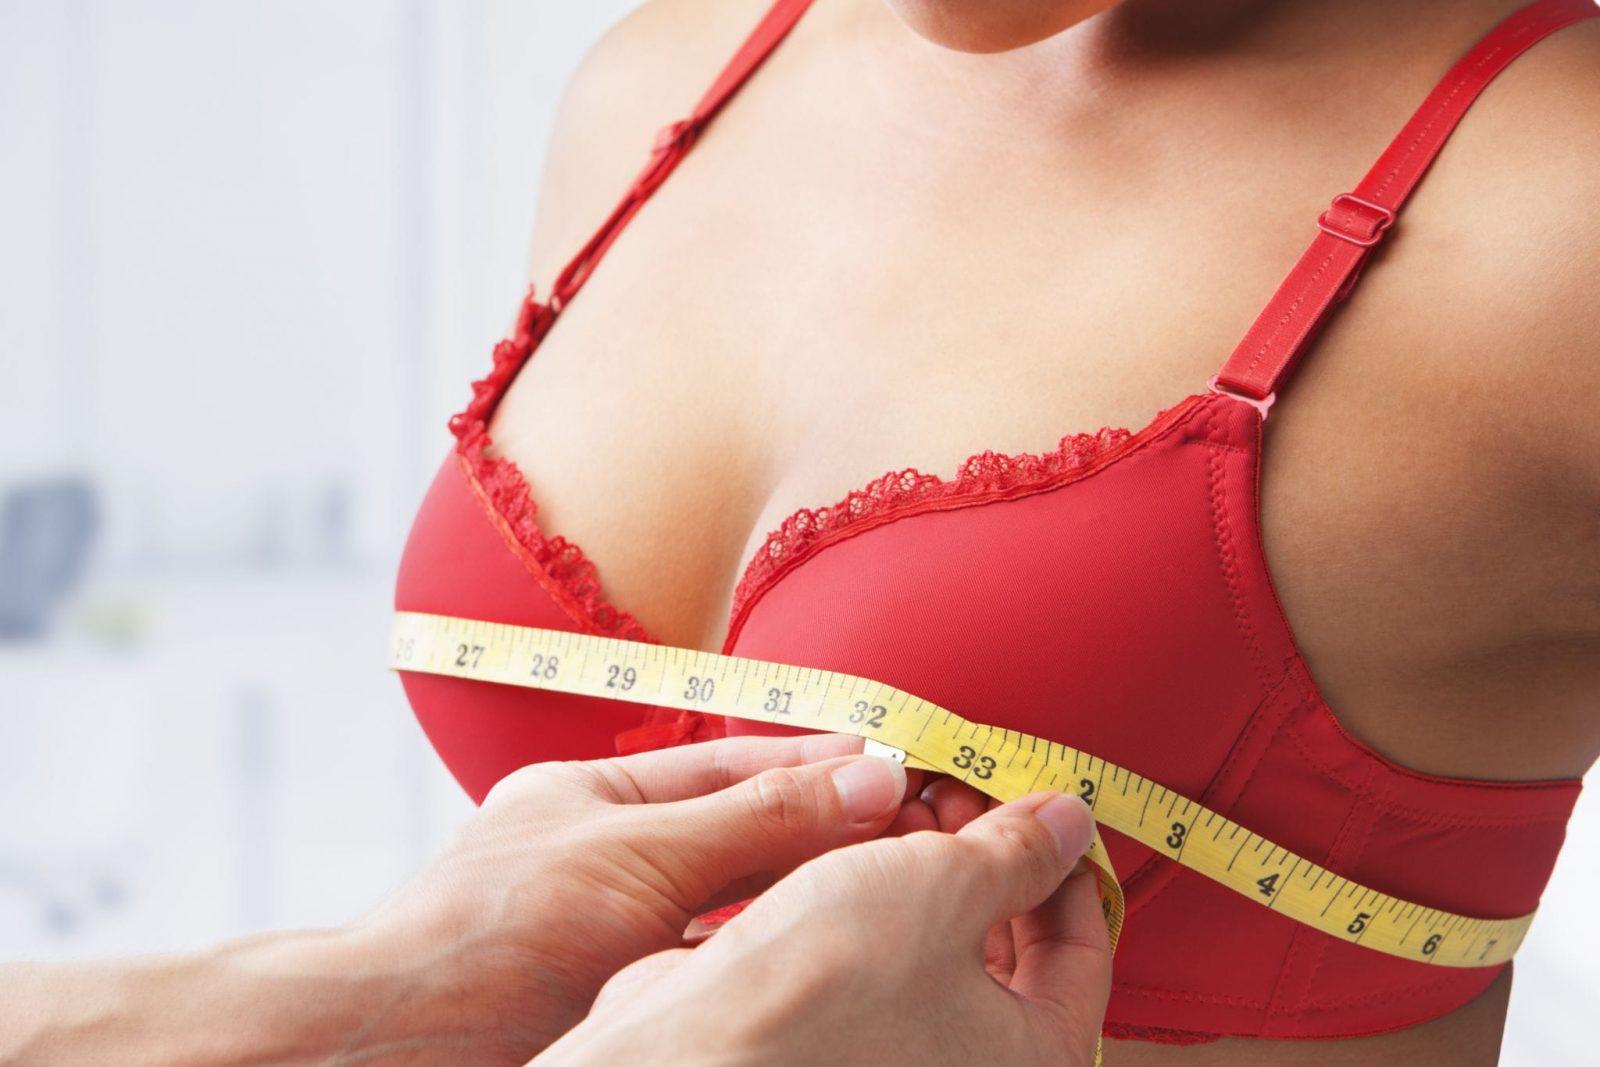 Девушке в красном бюстгальтере измеряют сантиметровой лентой грудь